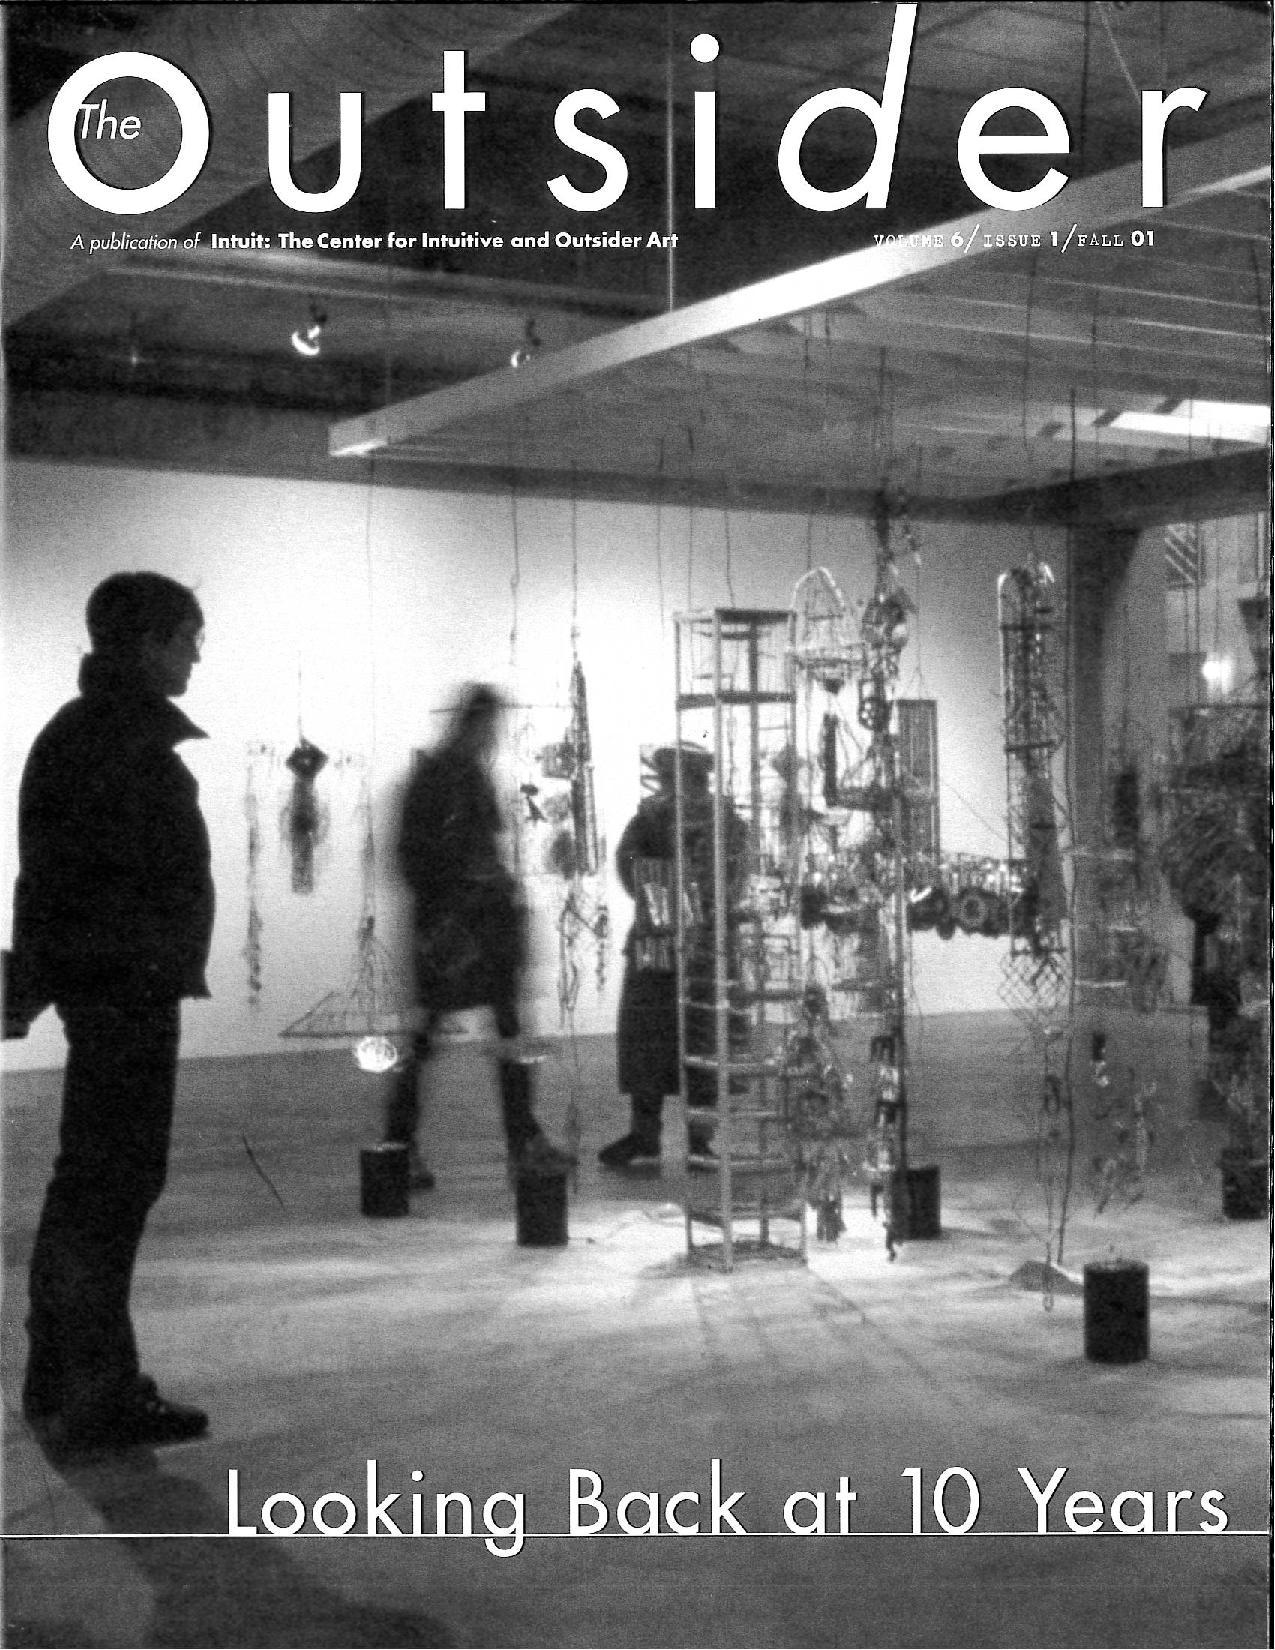 Volume 6 Issue 1 2001